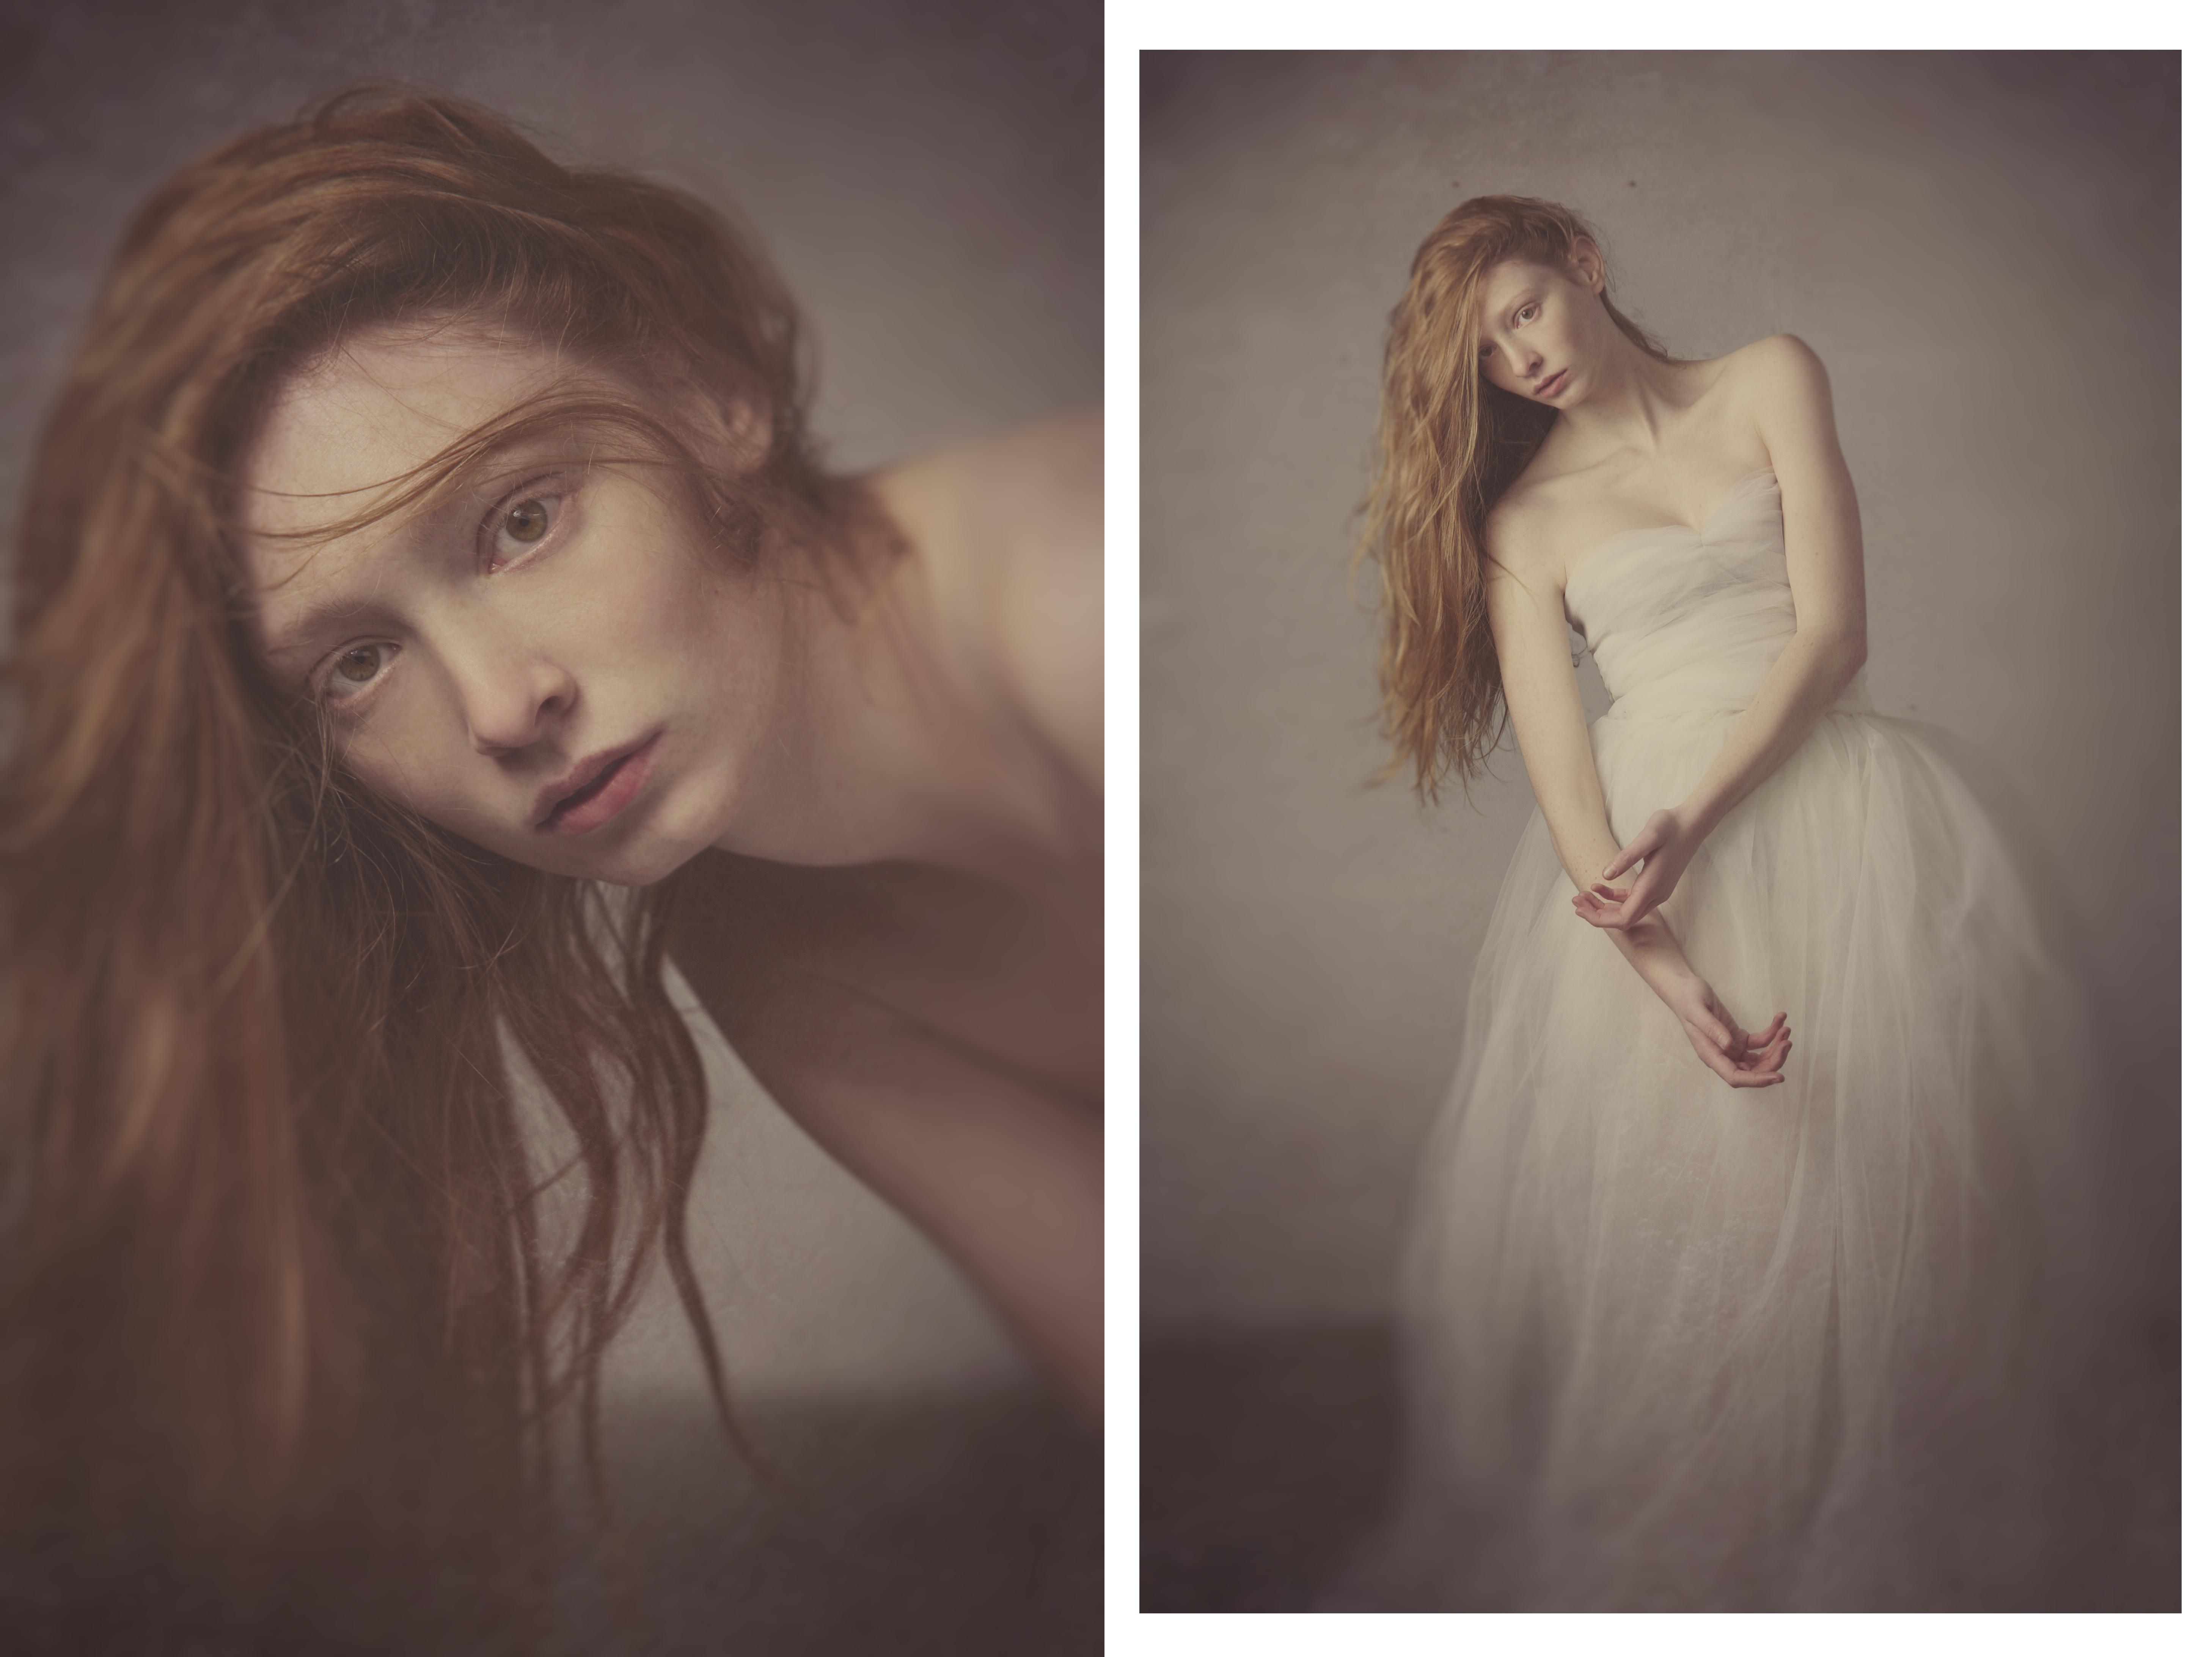 photographe tours portrait paris danse book commedien studio